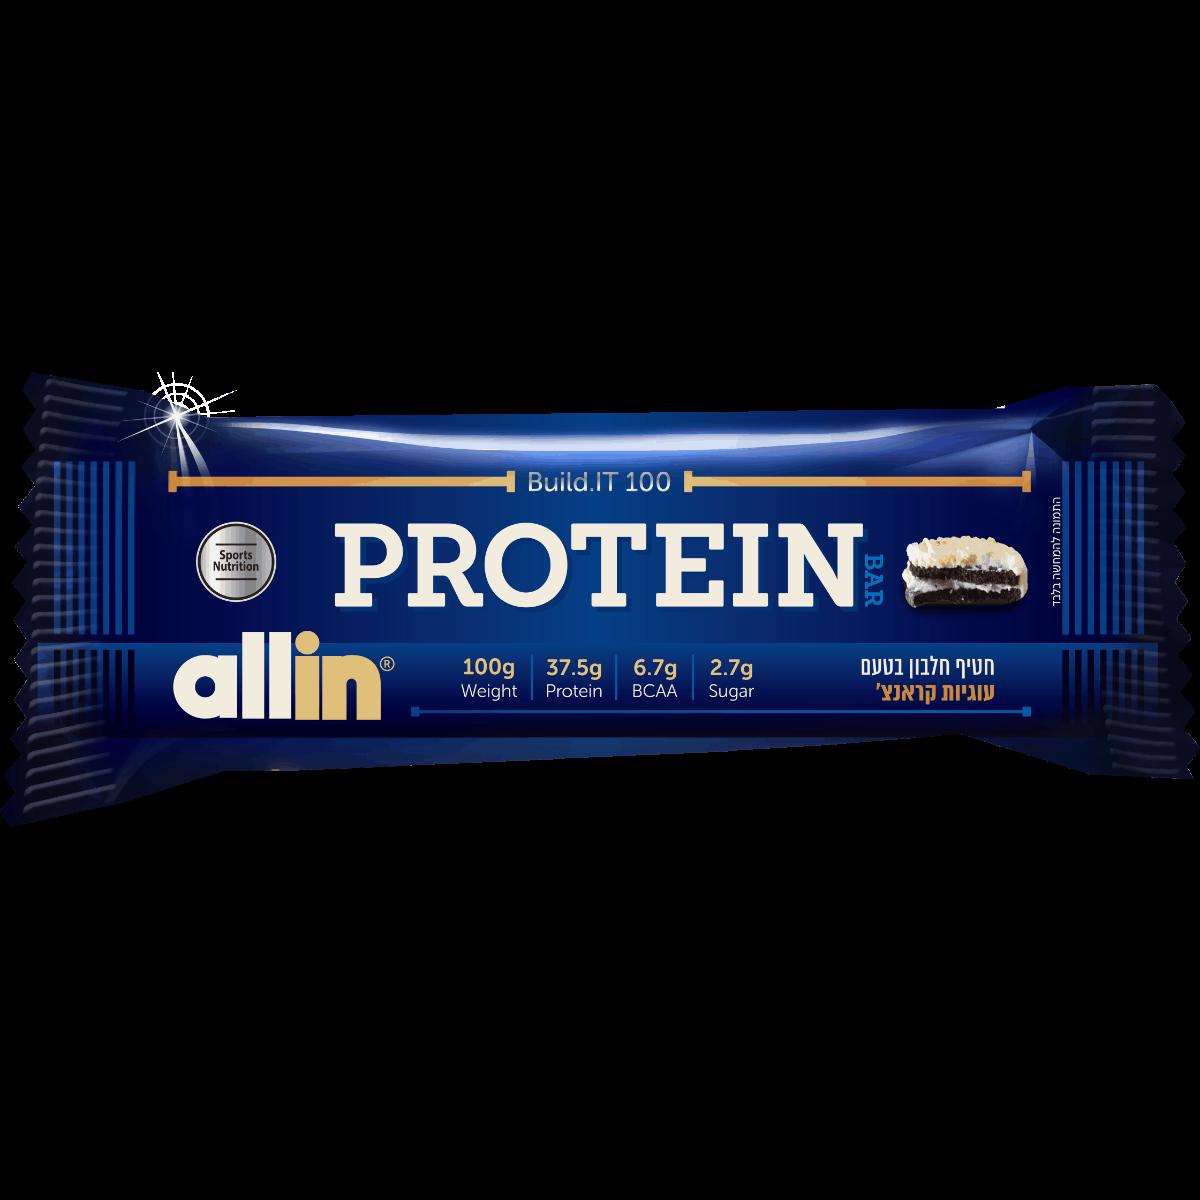 חטיף חלבון allin בטעם עוגיות קראנצ' - 100 ג'